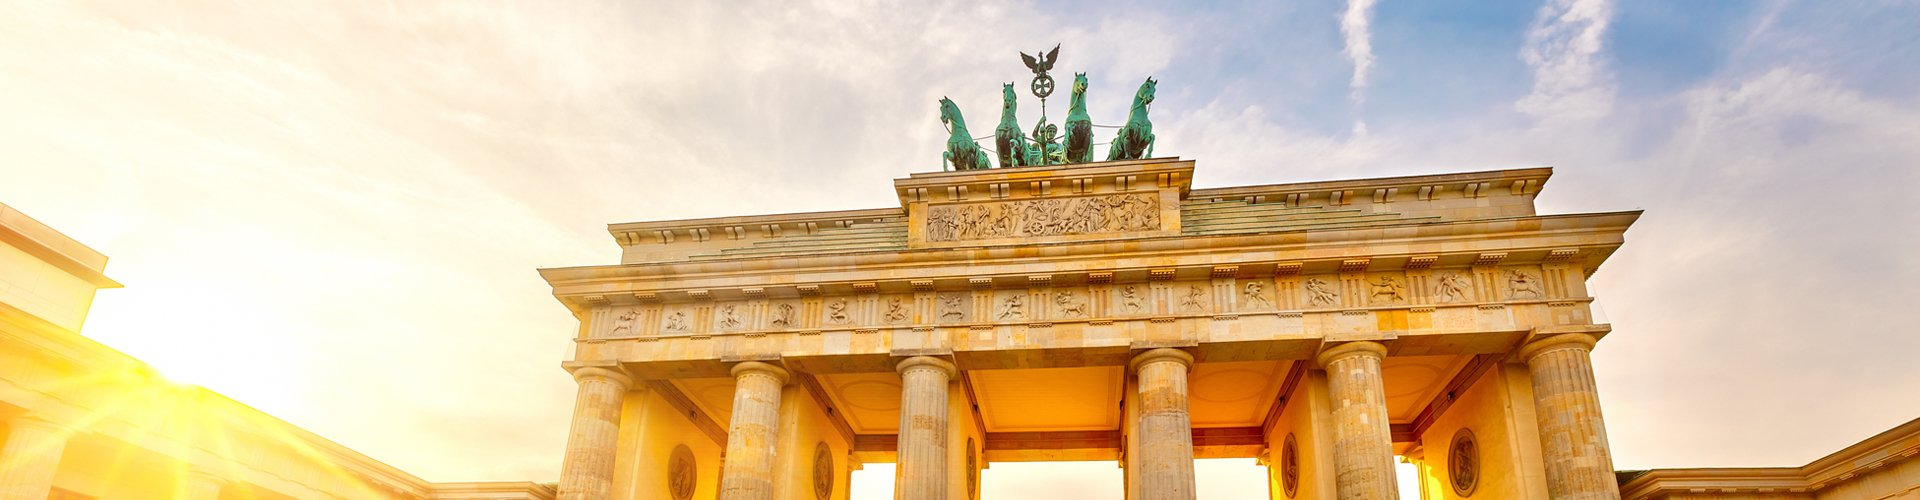 Brandenburger Tor in Berlijn, Duitsland